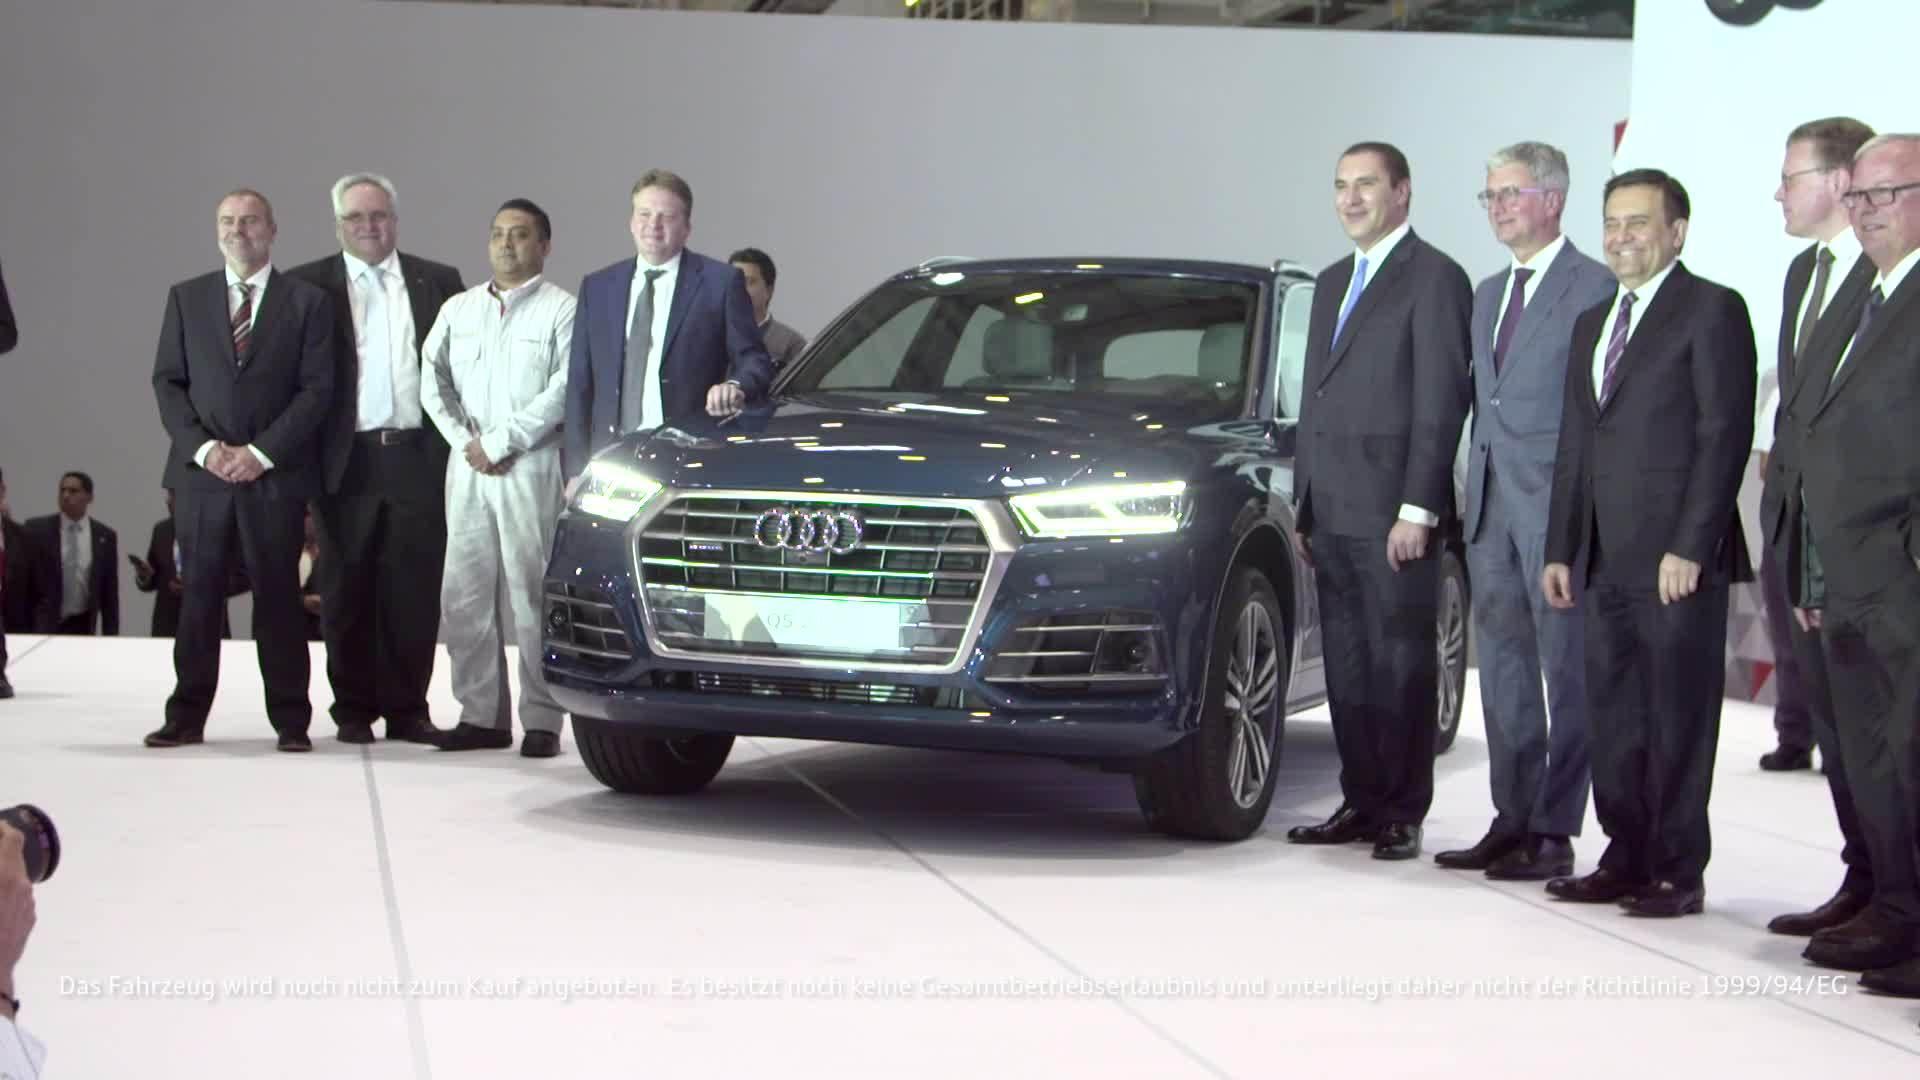 Eröffnung des neuen Automobilwerks in Mexiko – Highlights